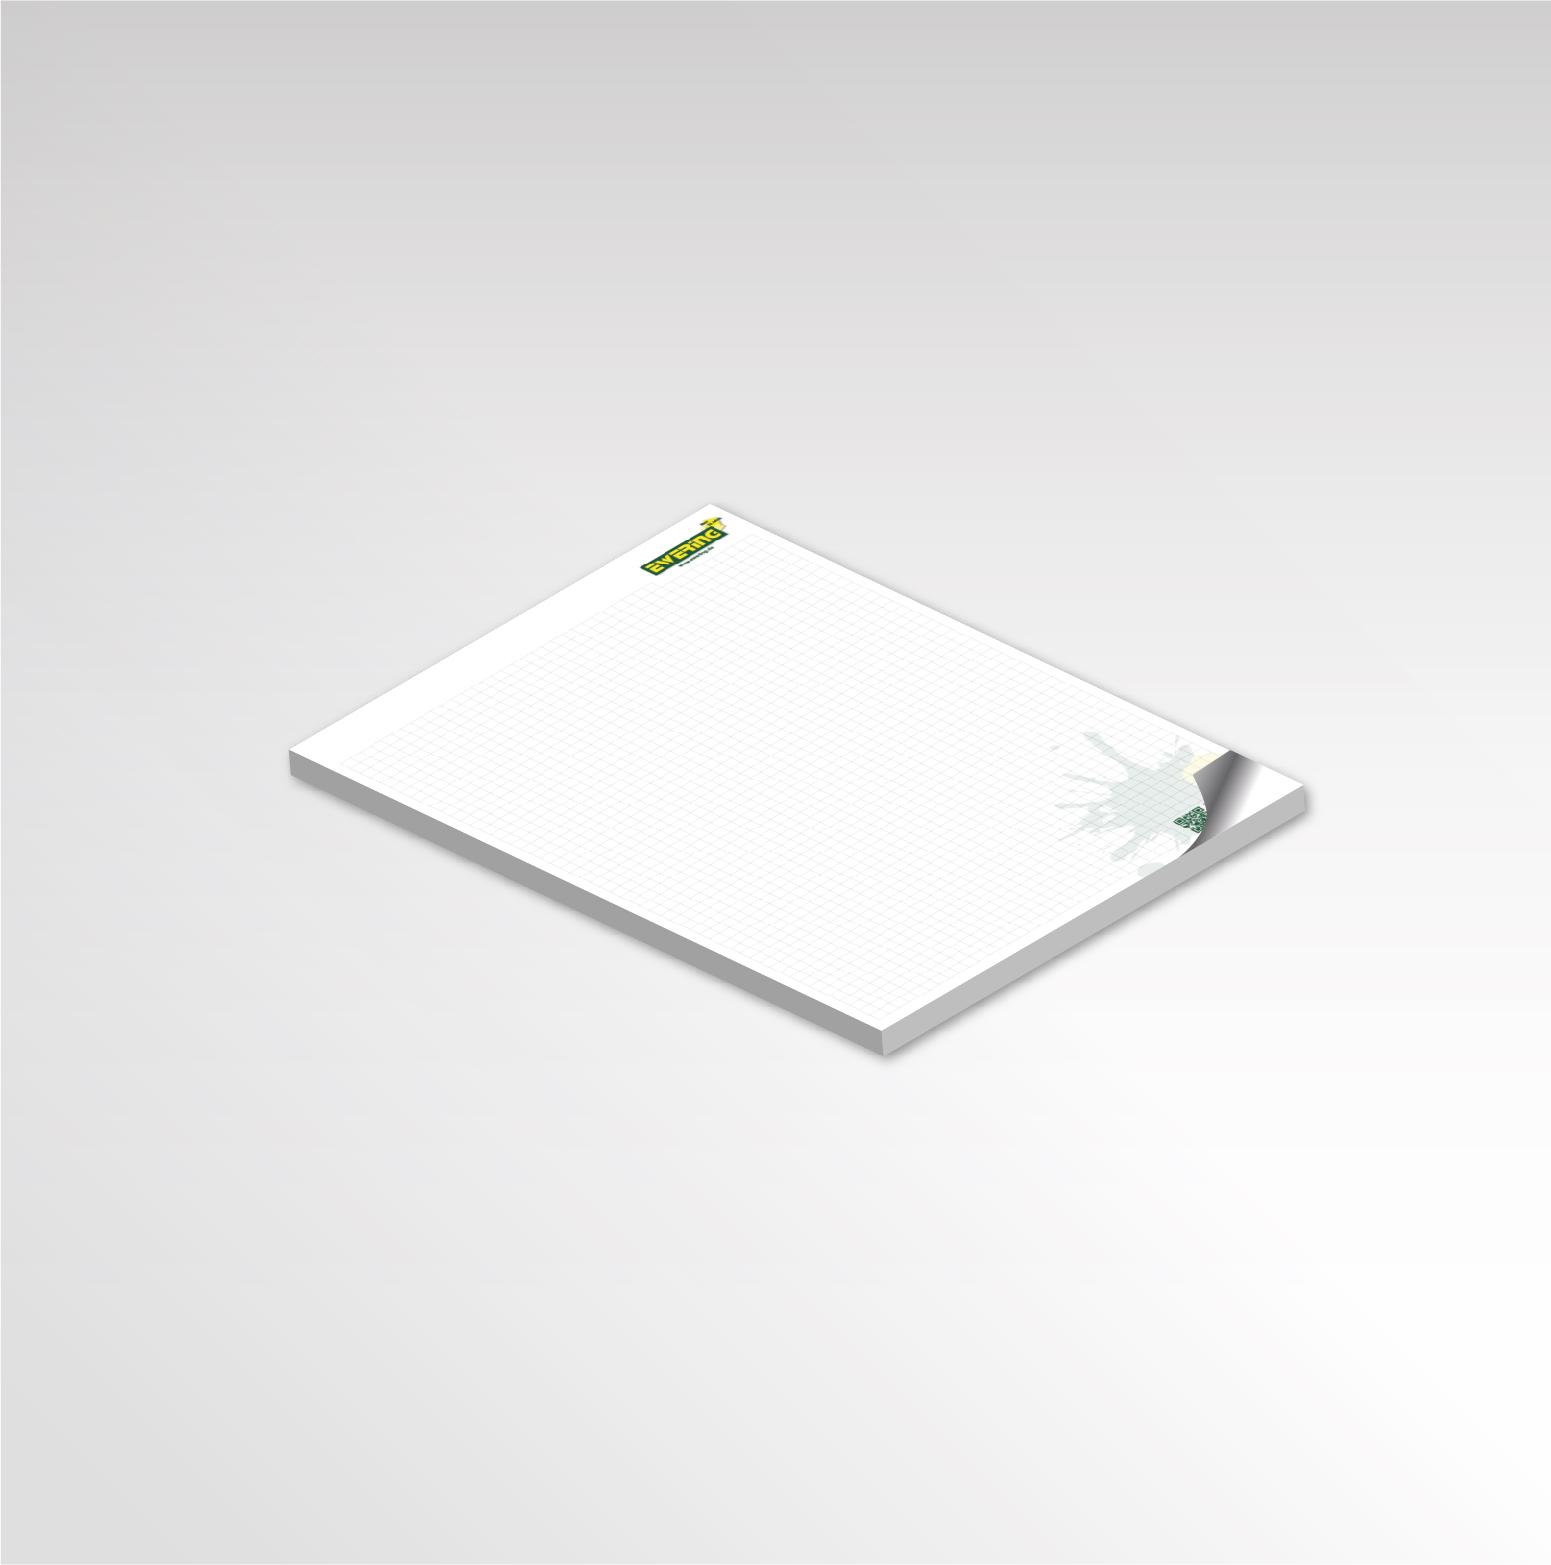 DIN A4 Notizblöcke individuelle Blöcke Printprodukt Werbemittel Ewering